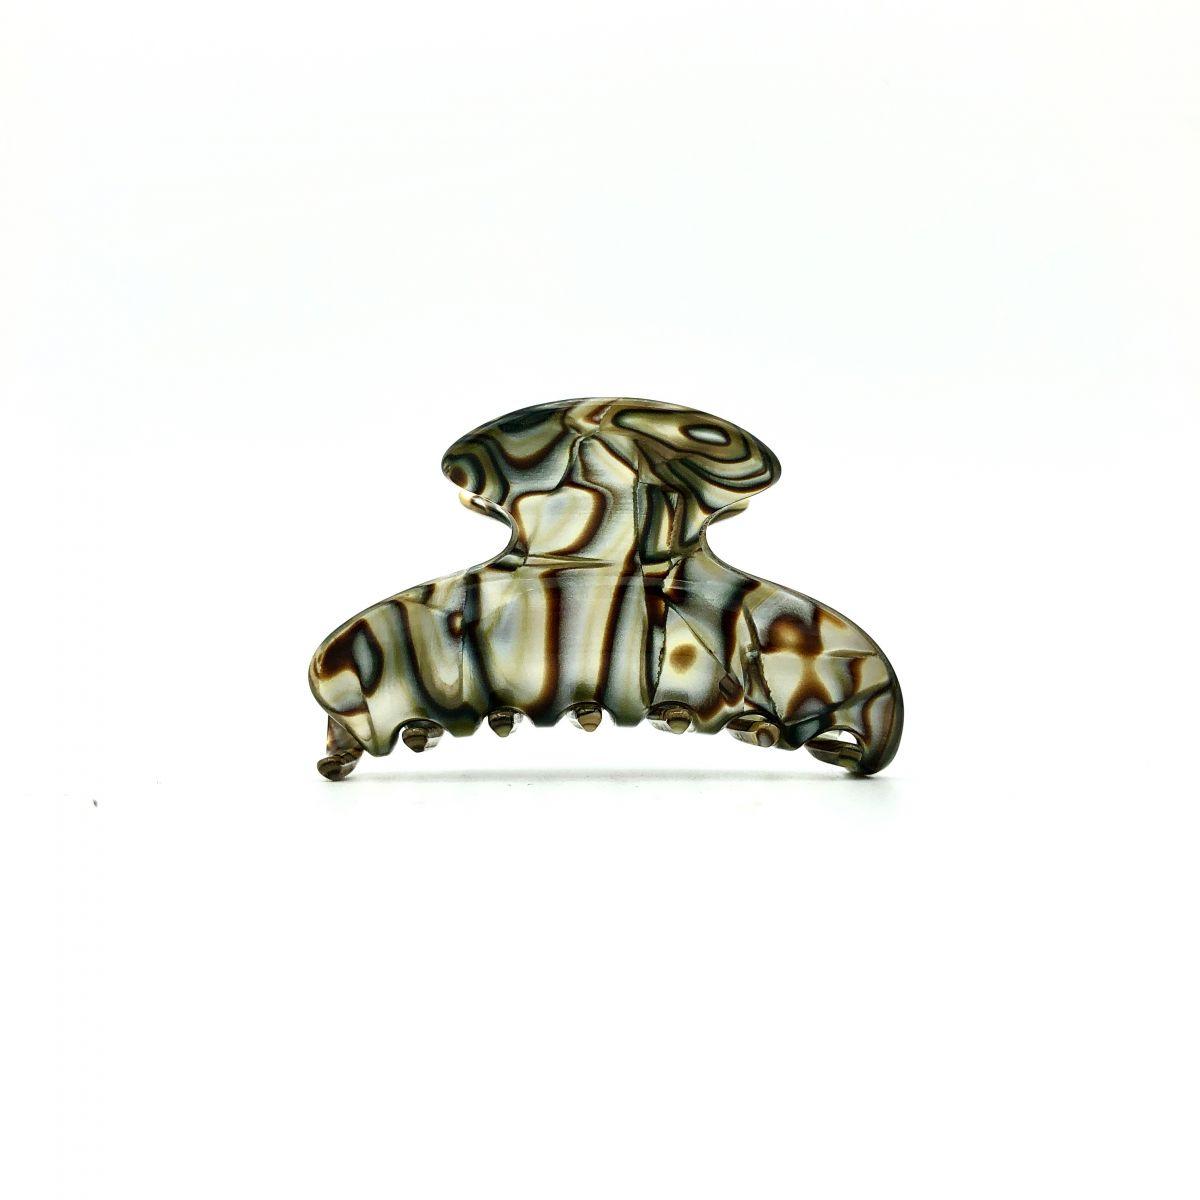 Haarklammer perlmutt/braun - klein - 6,5 cm